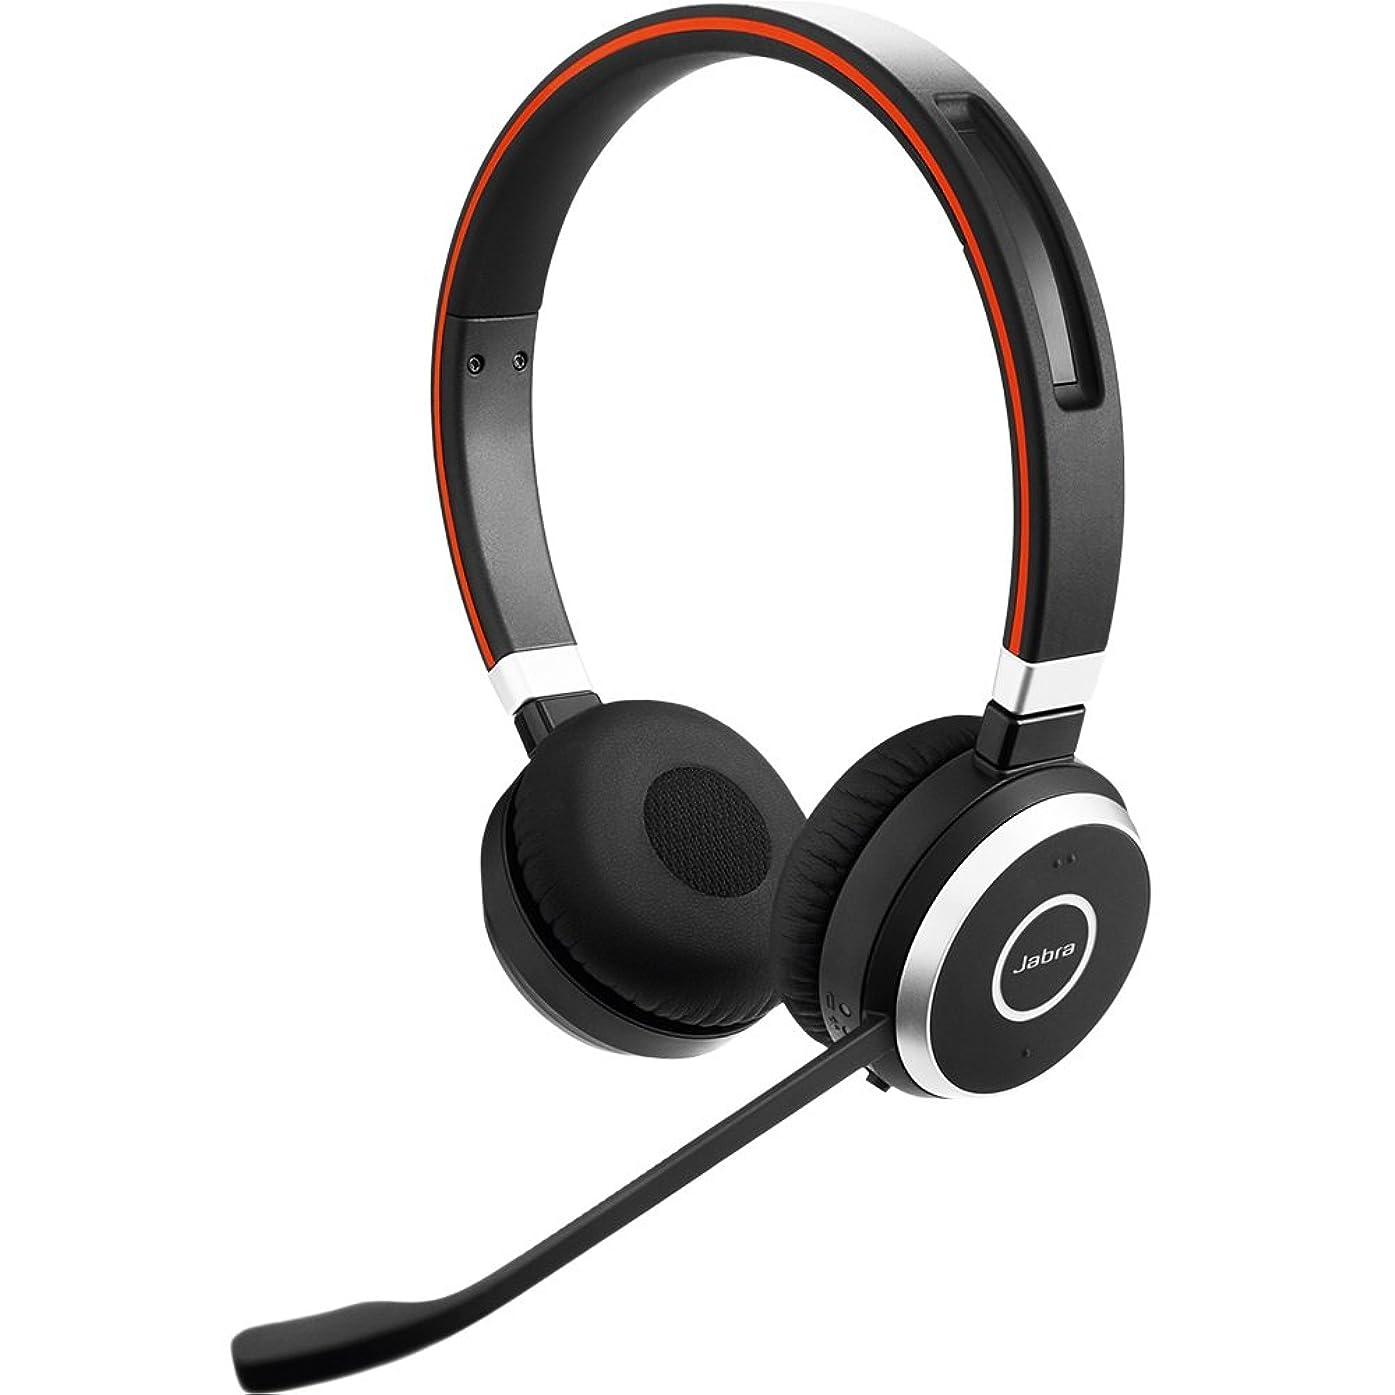 部分的に大惨事思い出させるJabra 法人向け 2年保証付き EVOLVE 65 MS Stereo Bluetooth エンタープライズヘッドホン(ステレオ 業務用) マイクロソフト社認証 【日本正規代理店品】 6599-823-309